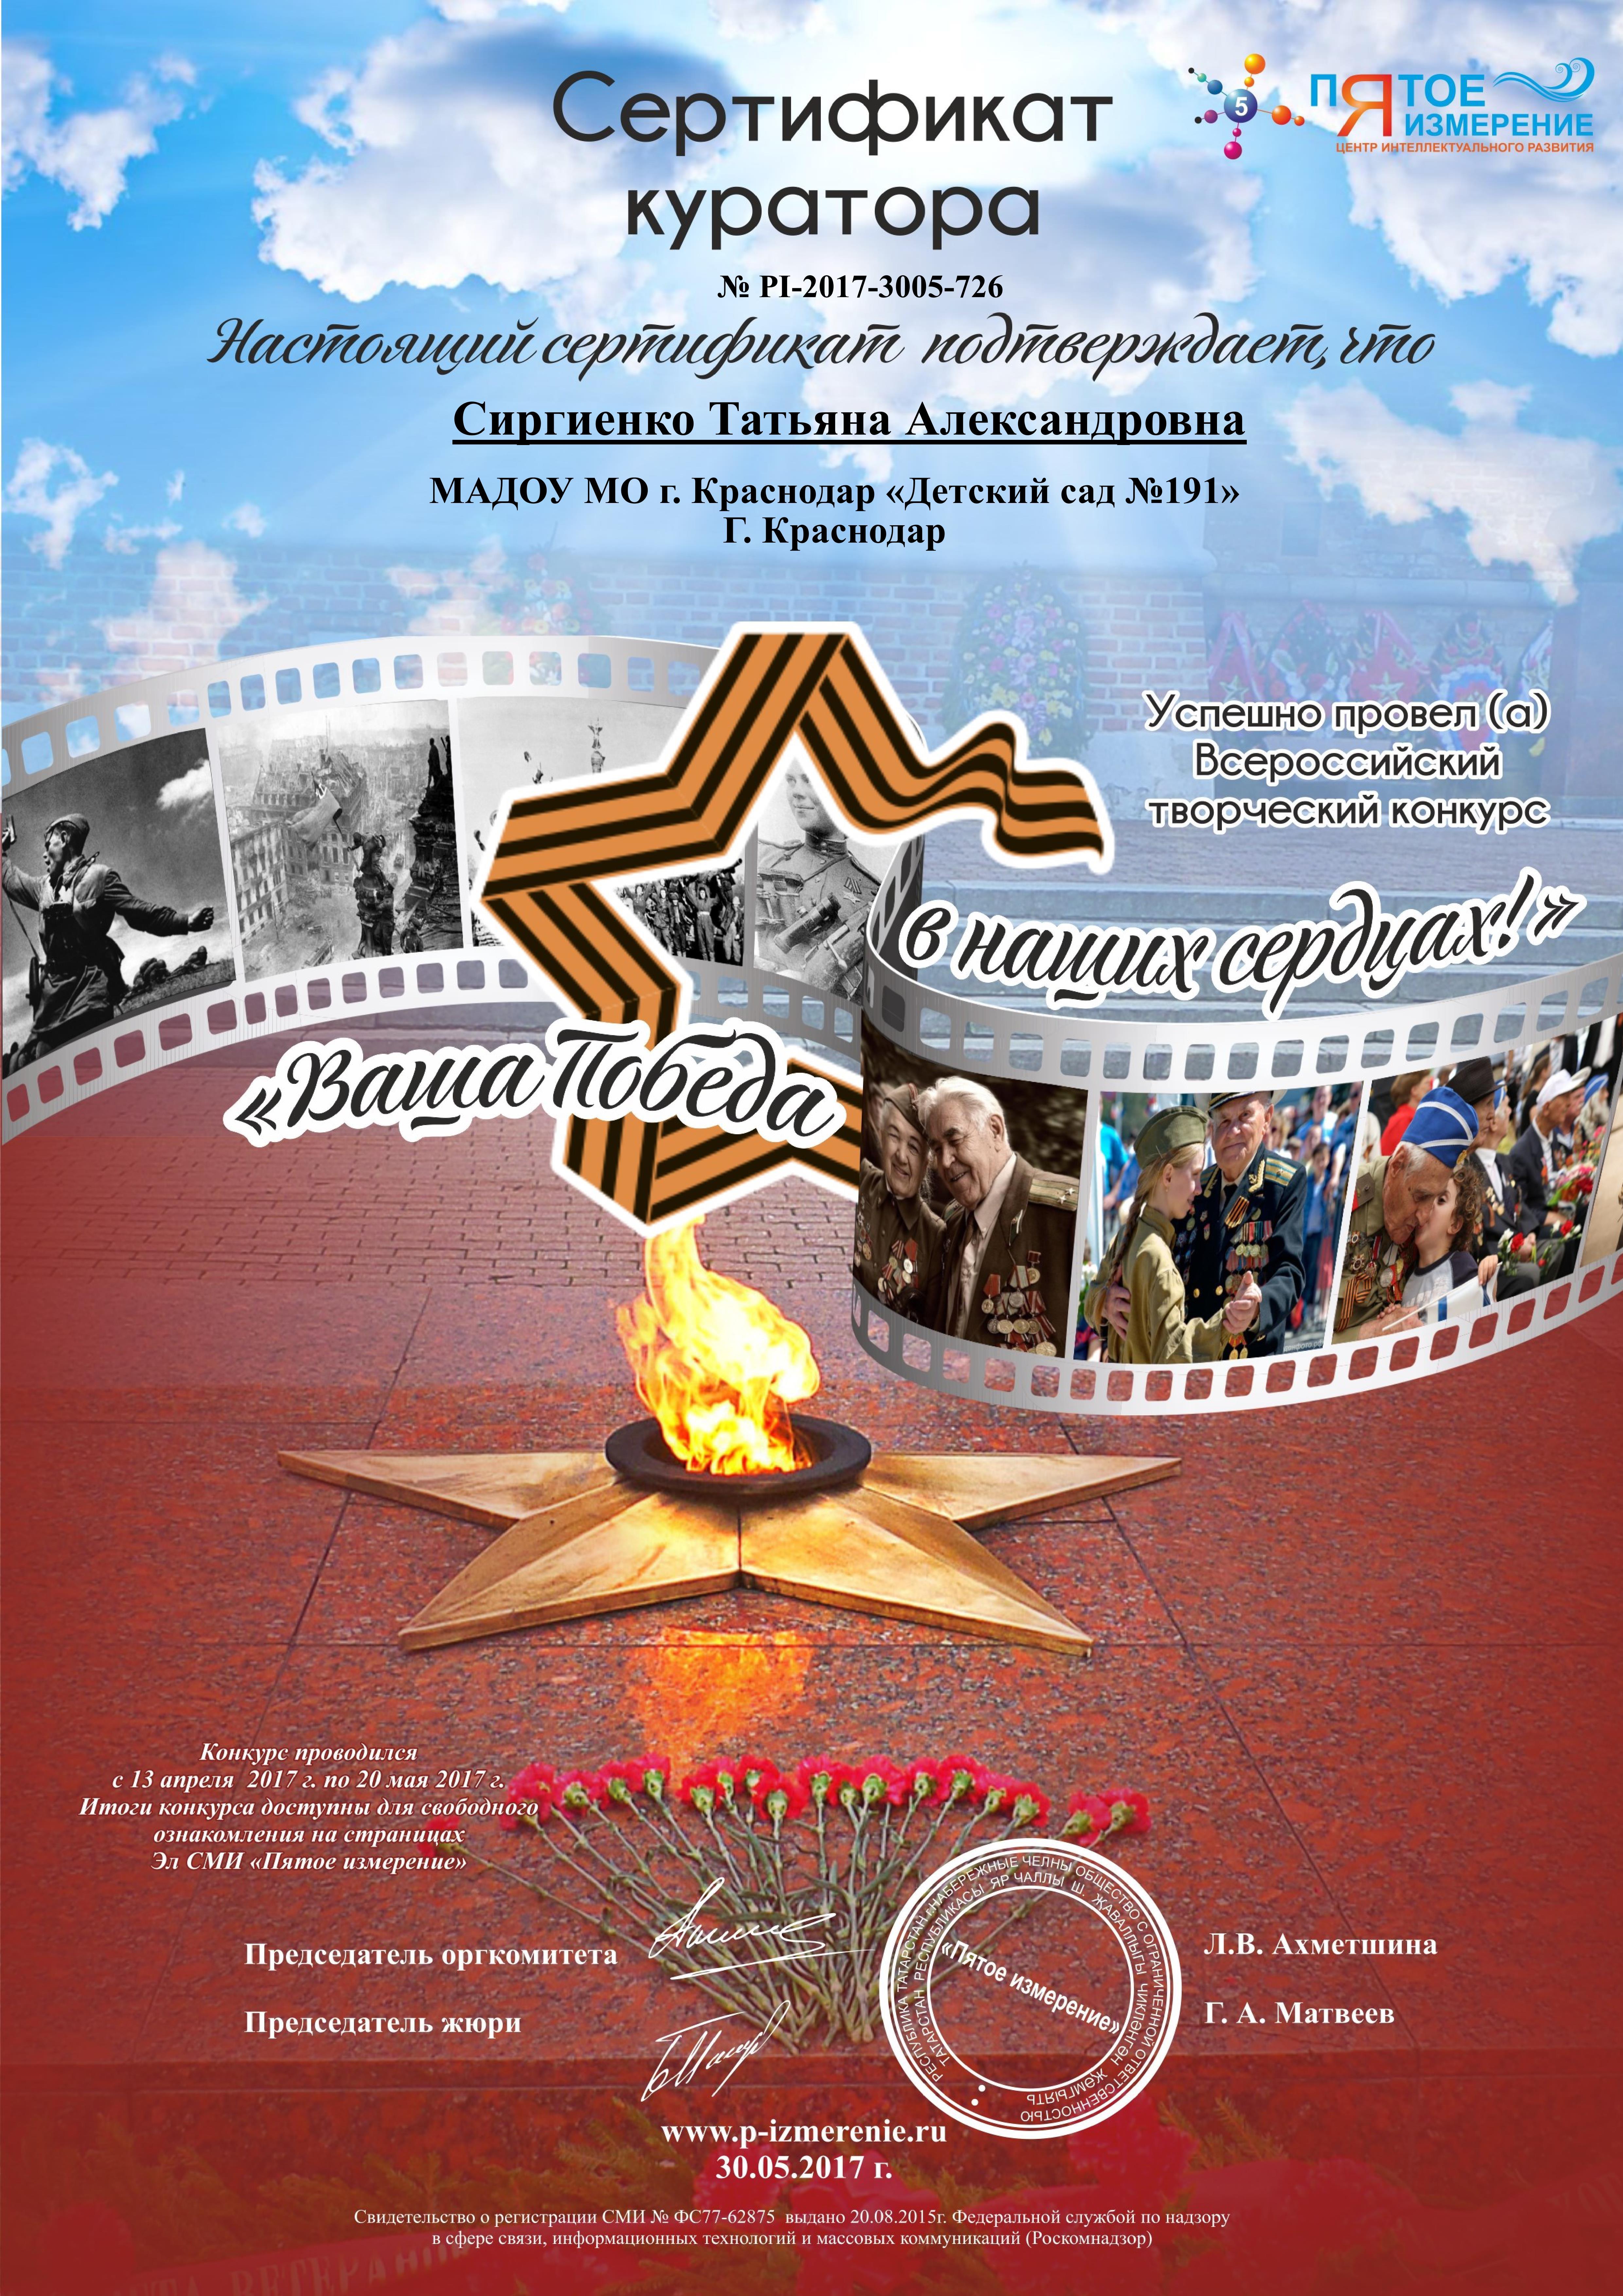 Сертификат всероссийского конкурса